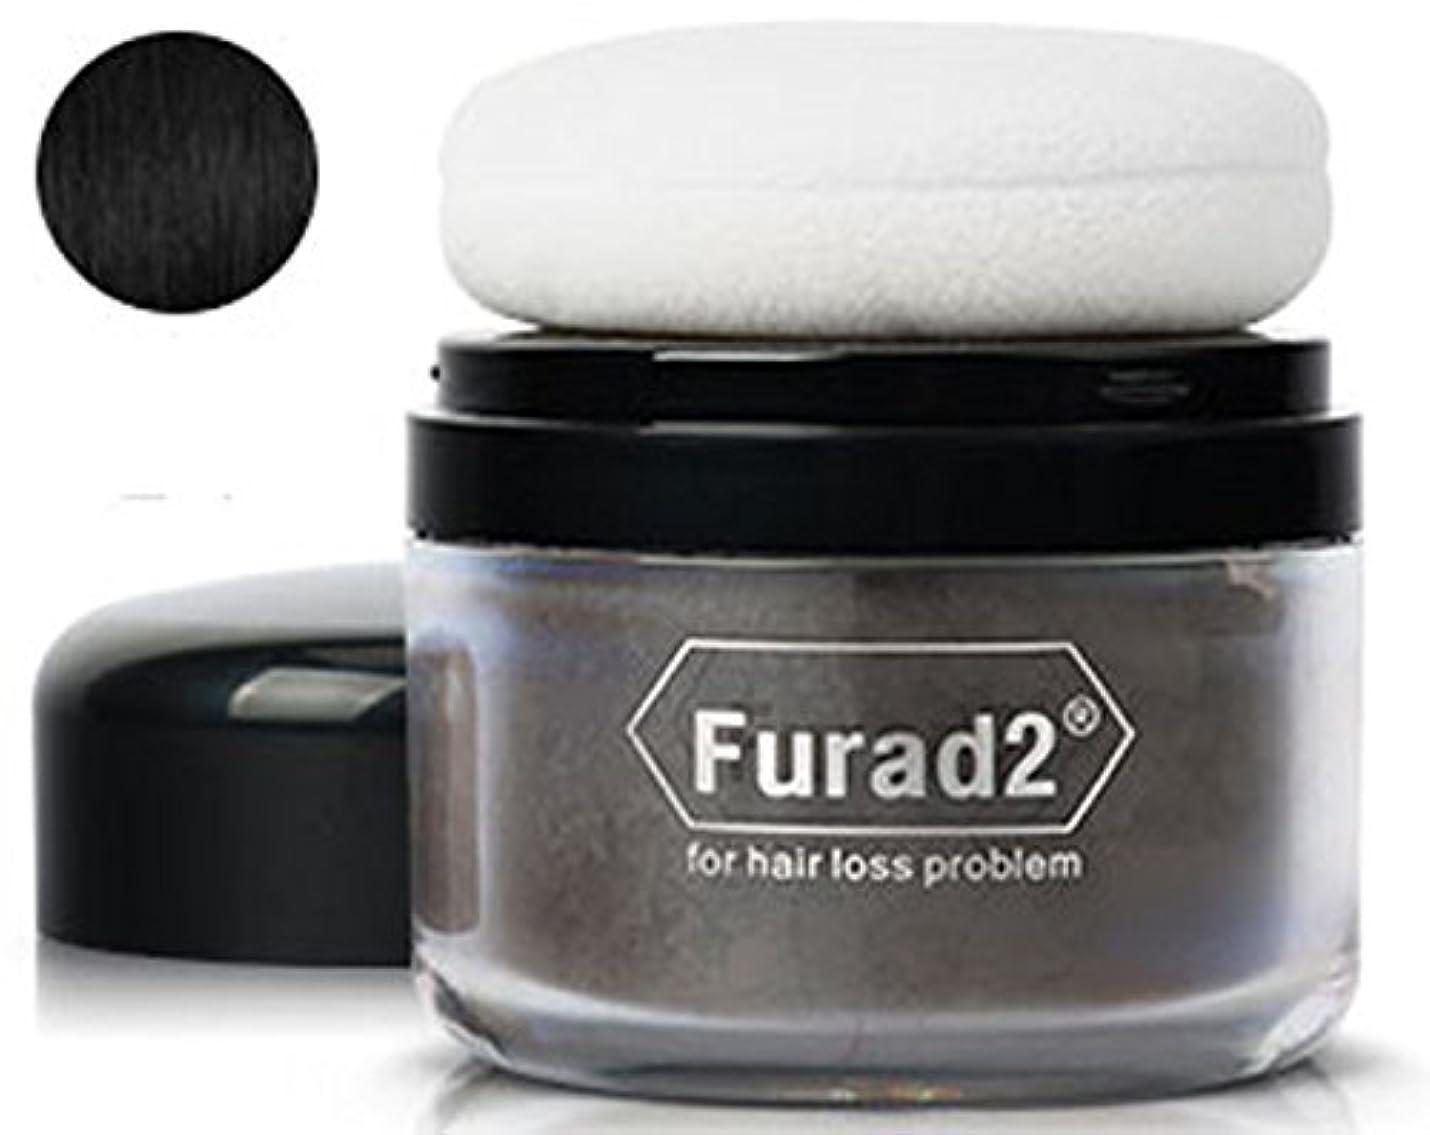 パラダイスまだエゴマニア[フレッド2 ] Furad2 イントロル ワイド ヘアパウダーヘアファイバー 頭髪カバー ヘアー ボリュームアップパウダー 67g(海外直送品)  Furad2 Interal Wide Hair Power Hair...